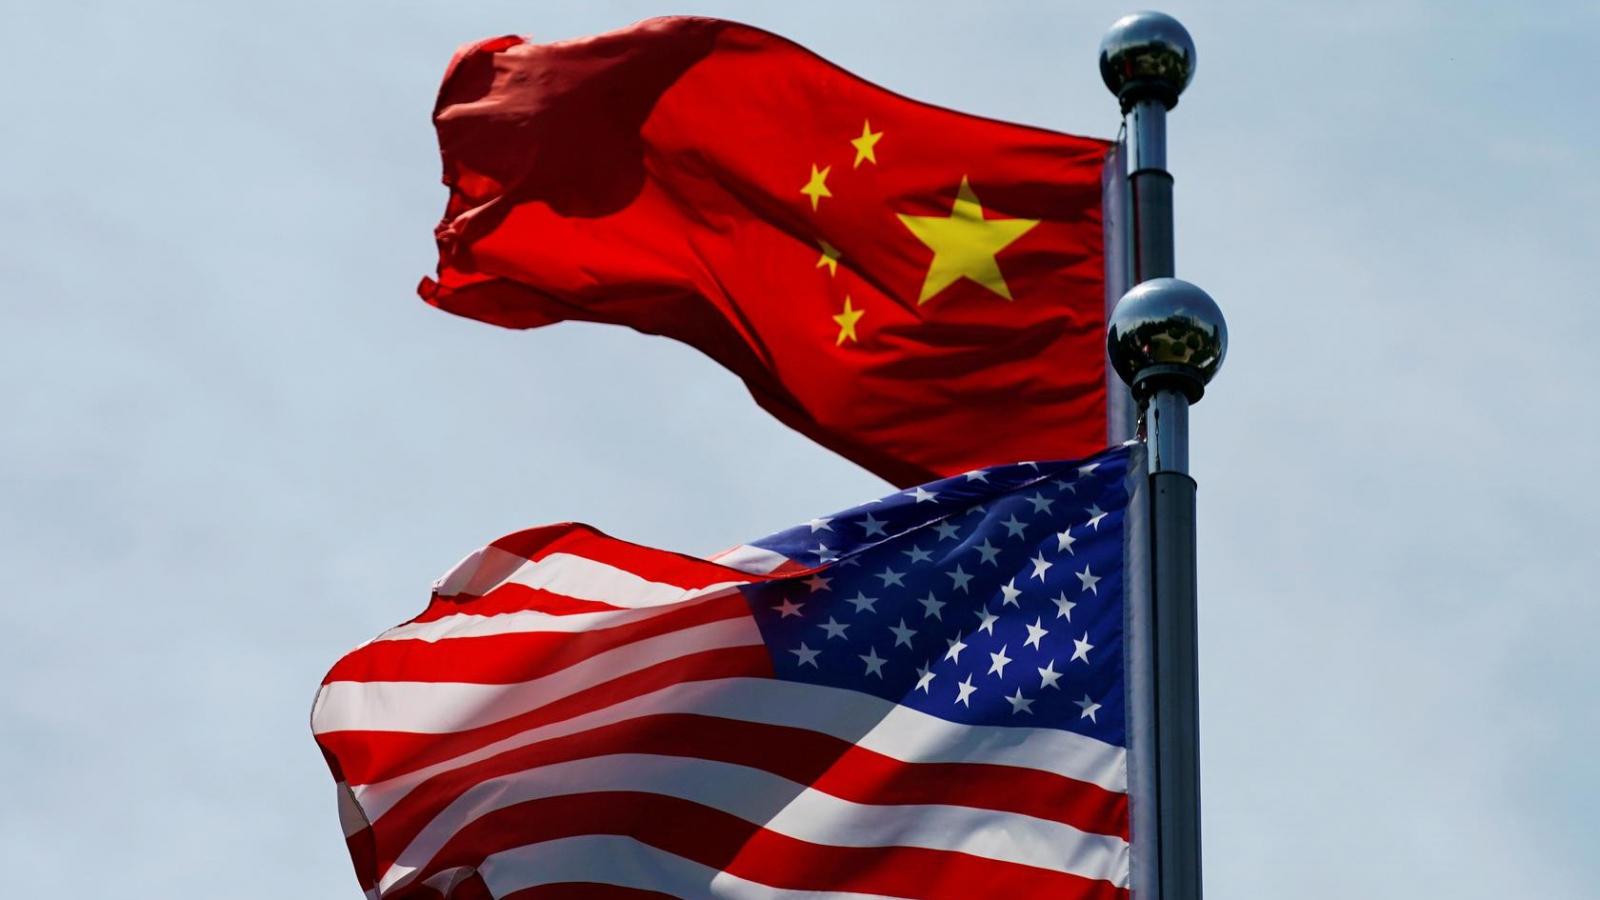 Trung Quốc trừng phạt 11 quan chức Mỹ nhằm đáp trả vấn đề Hong Kong